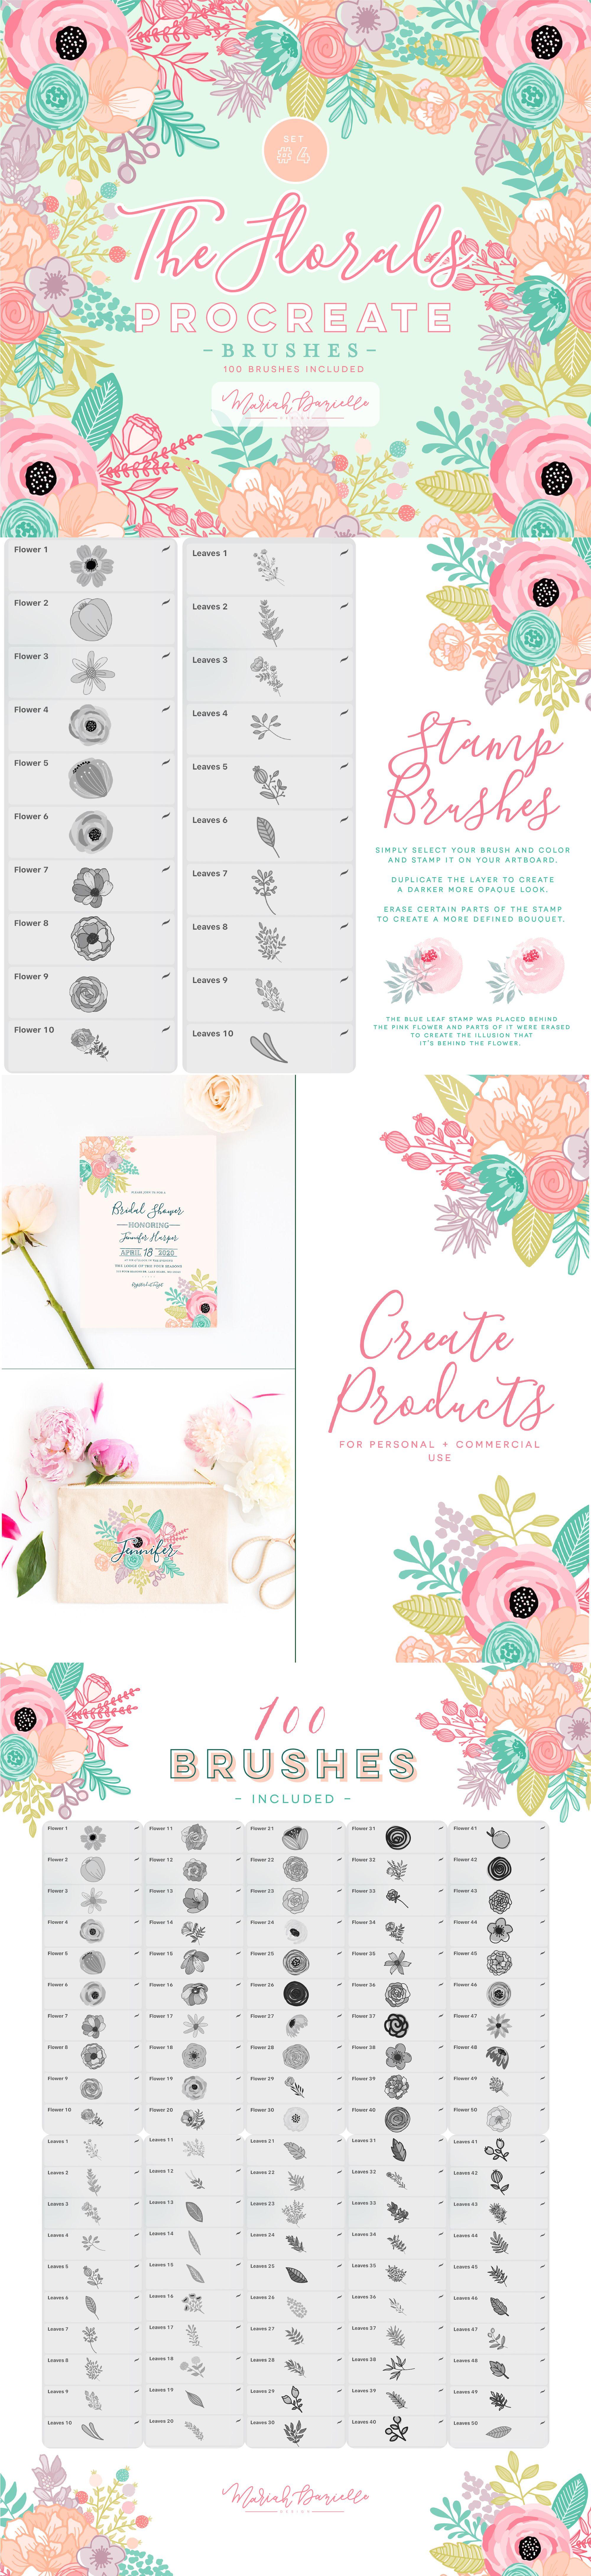 Procreate Flower Brushes, 100 Procreate Brushes, Floral